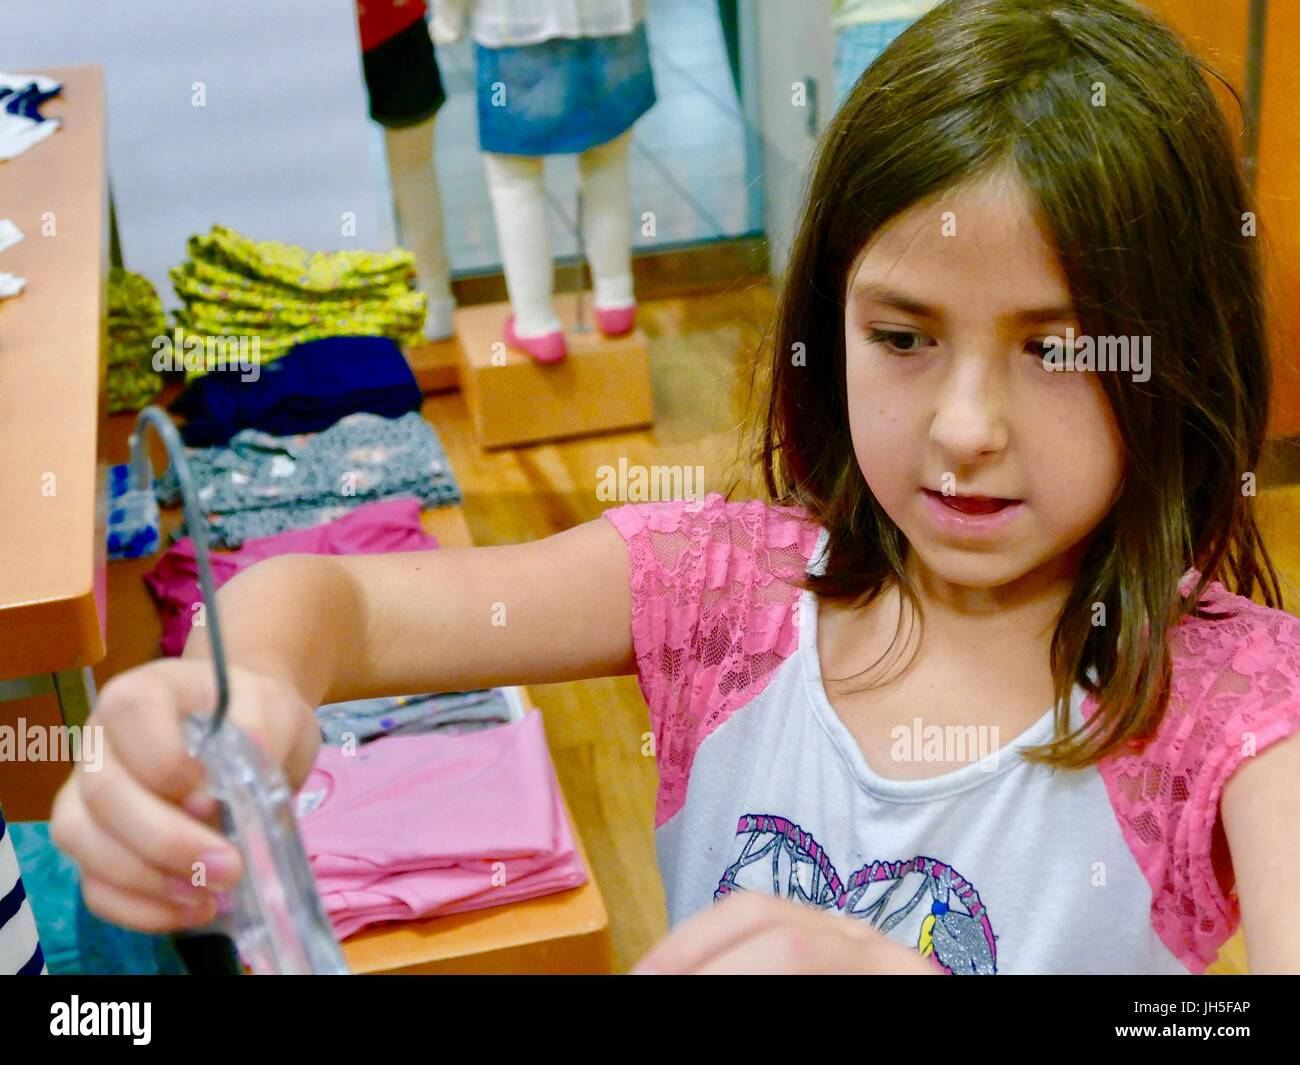 Niña de compras en el departamento de la infancia de una tienda de ropa al por menor en Florida, EE.UU. Imagen De Stock